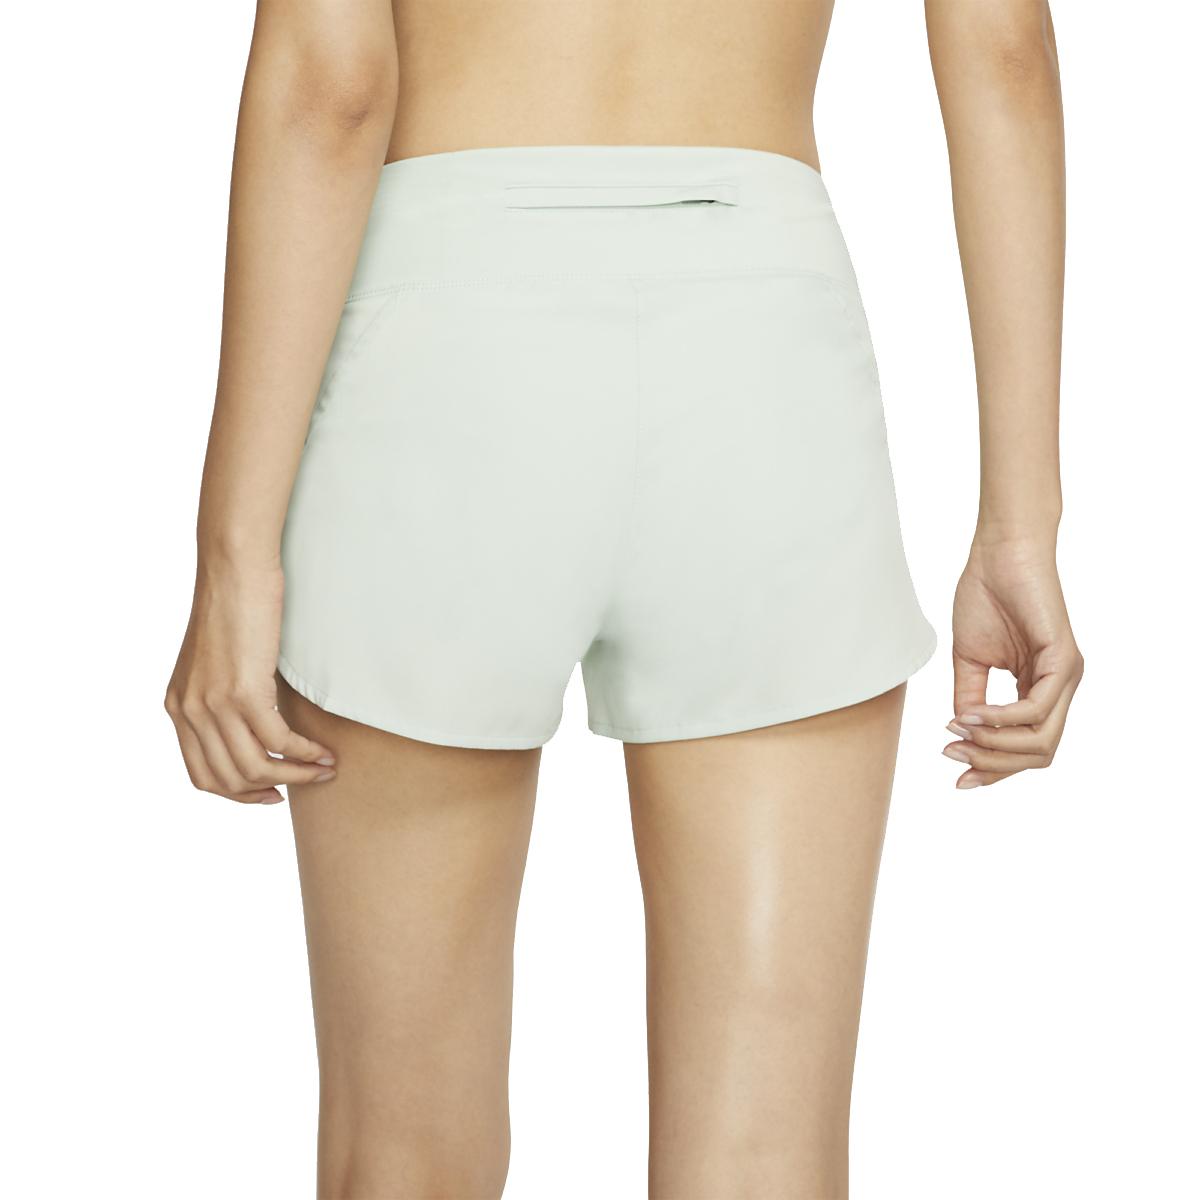 Women's Nike Eclipse 3 Inch Short  - Color: Pistachio Frost - Size: XL, Pistachio Frost, large, image 3